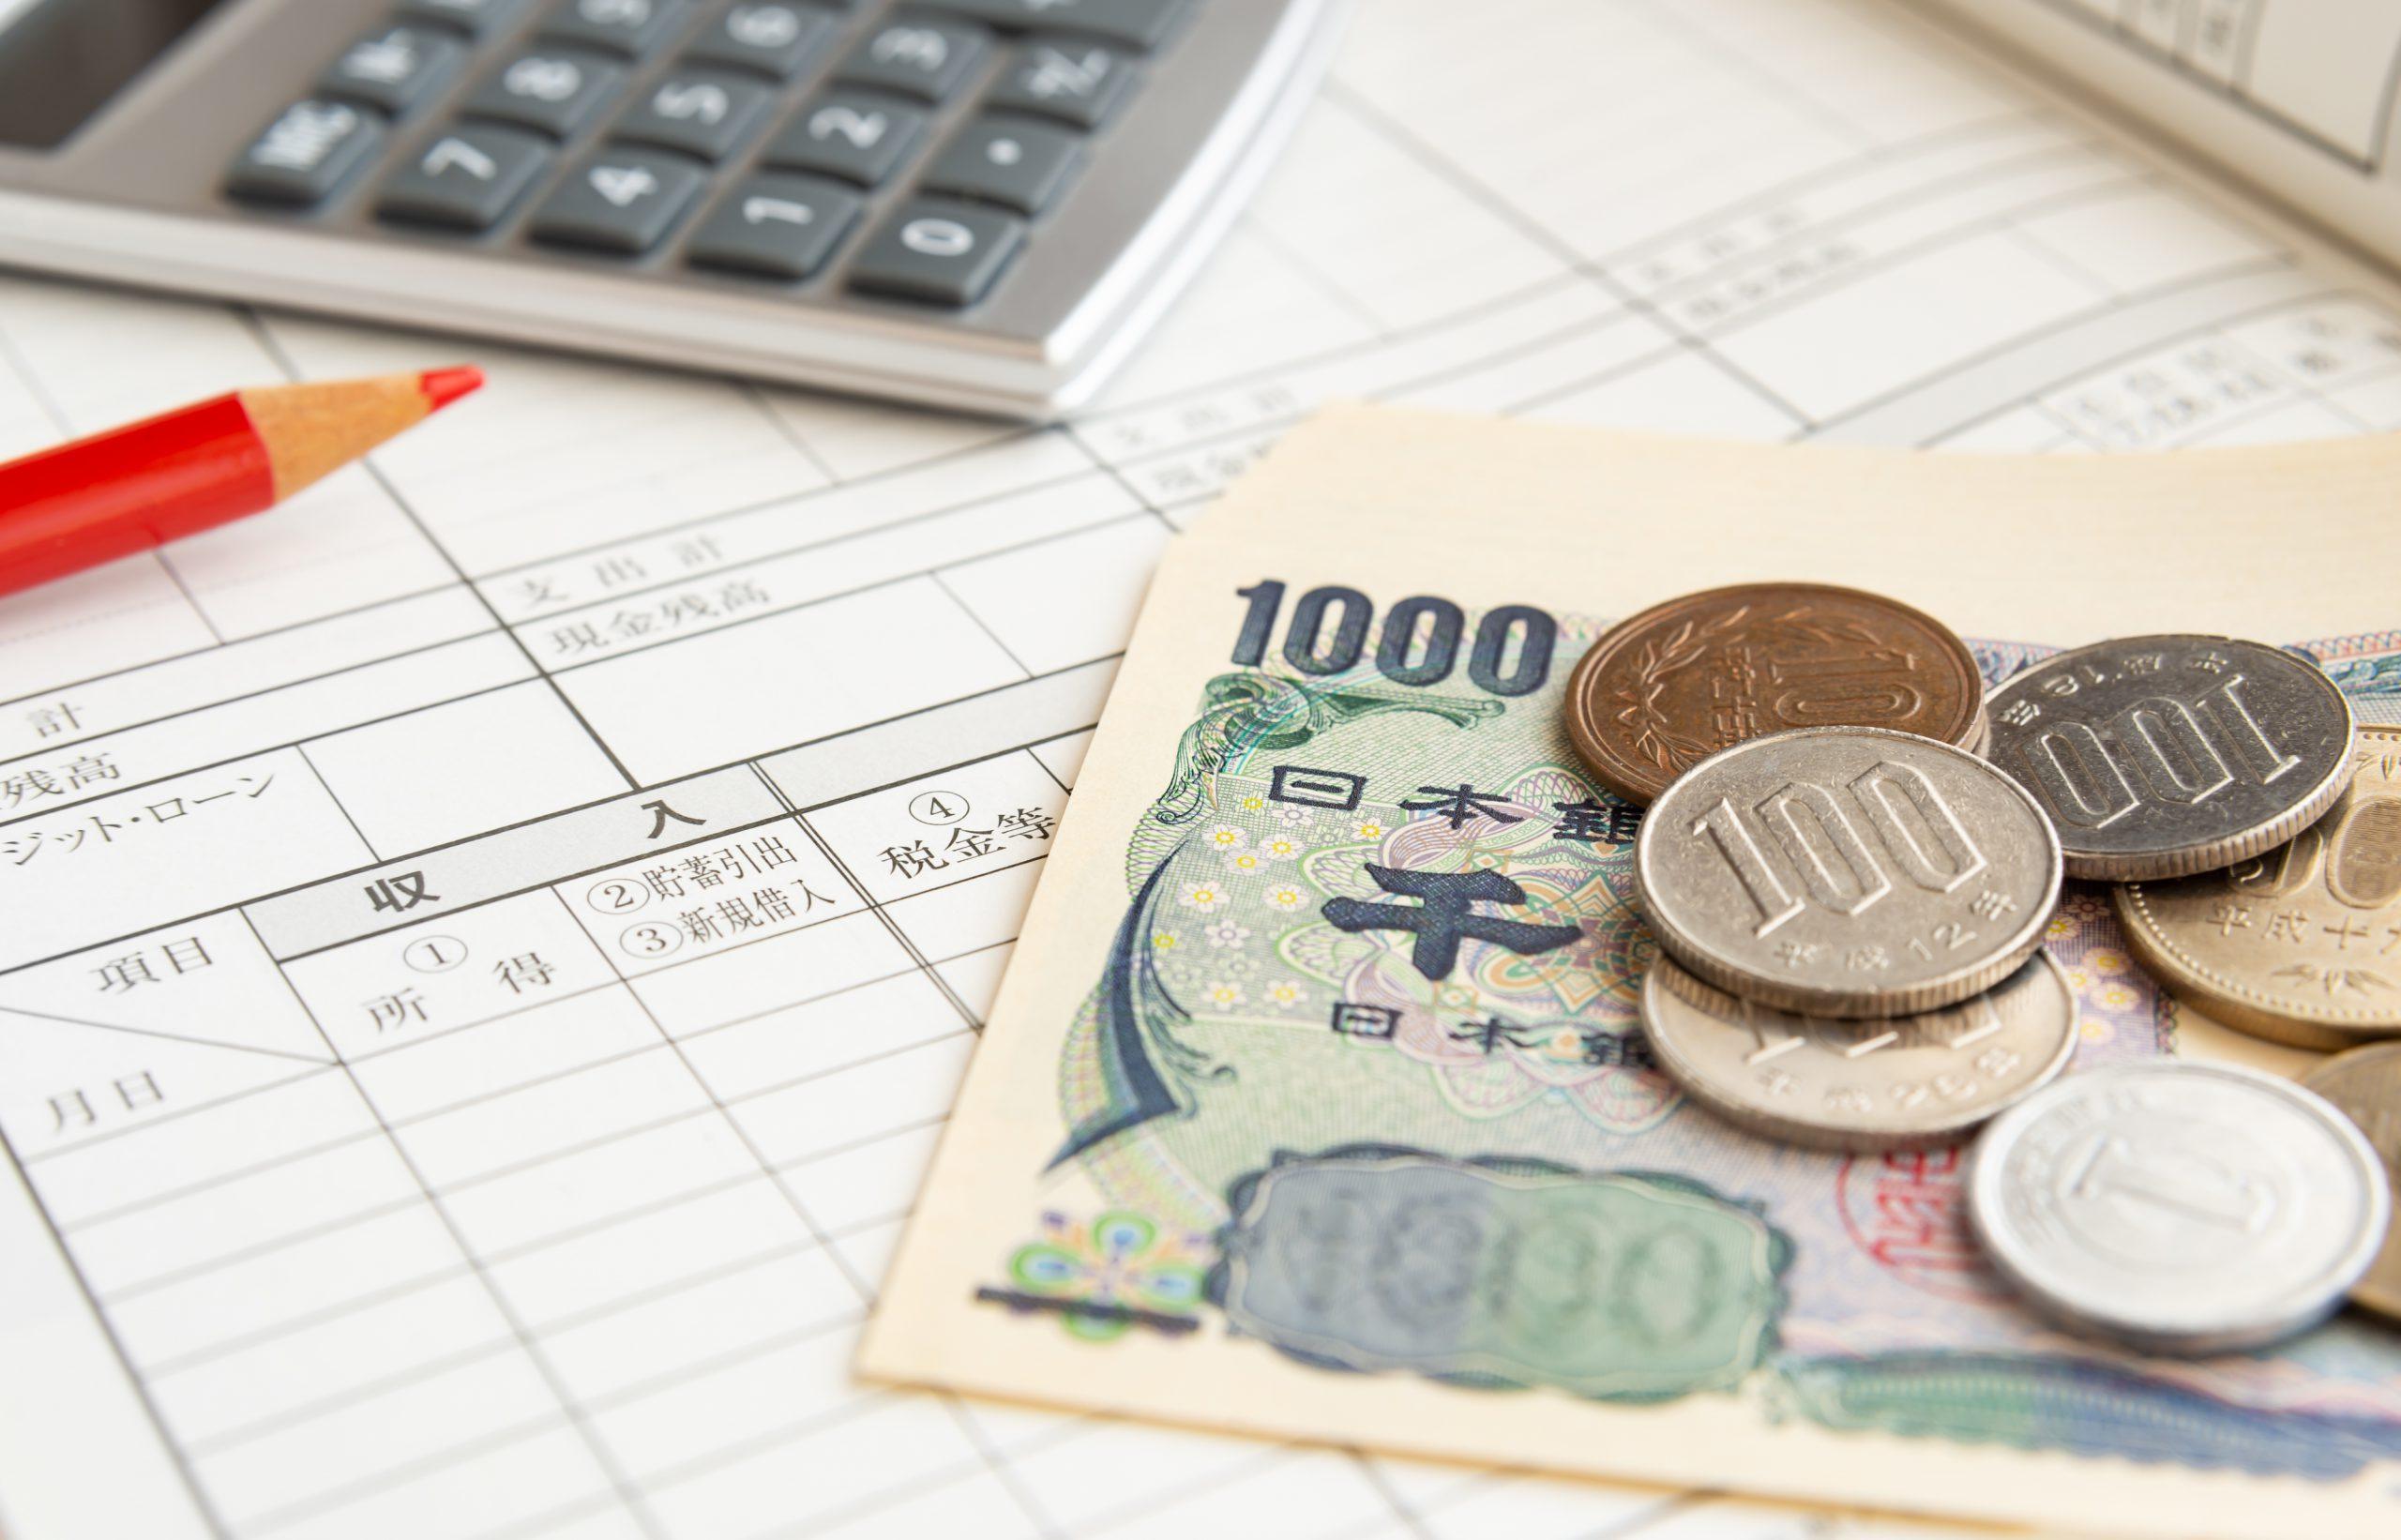 資金調達方法は融資以外にも!「借りない」選択肢を解説